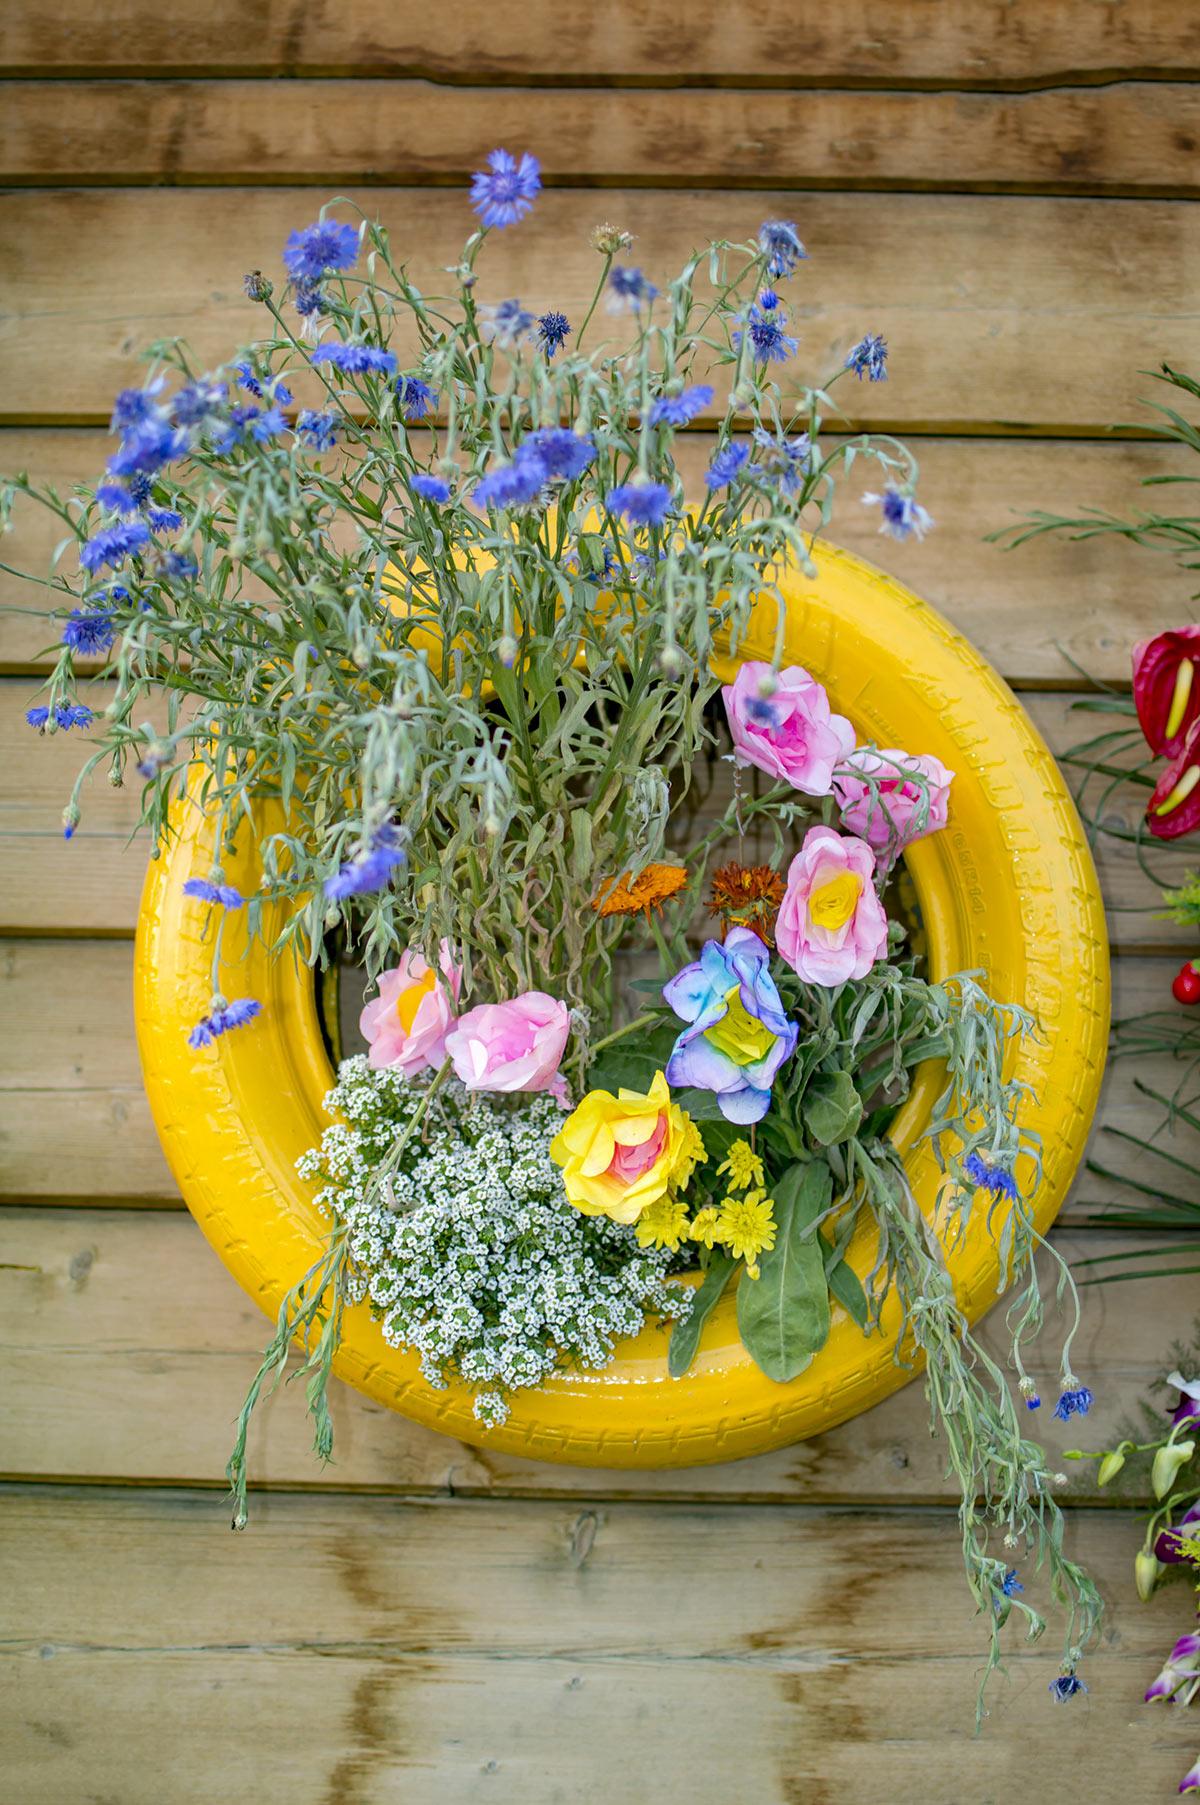 vieu pneu jaune avec fleurs dans le jardin